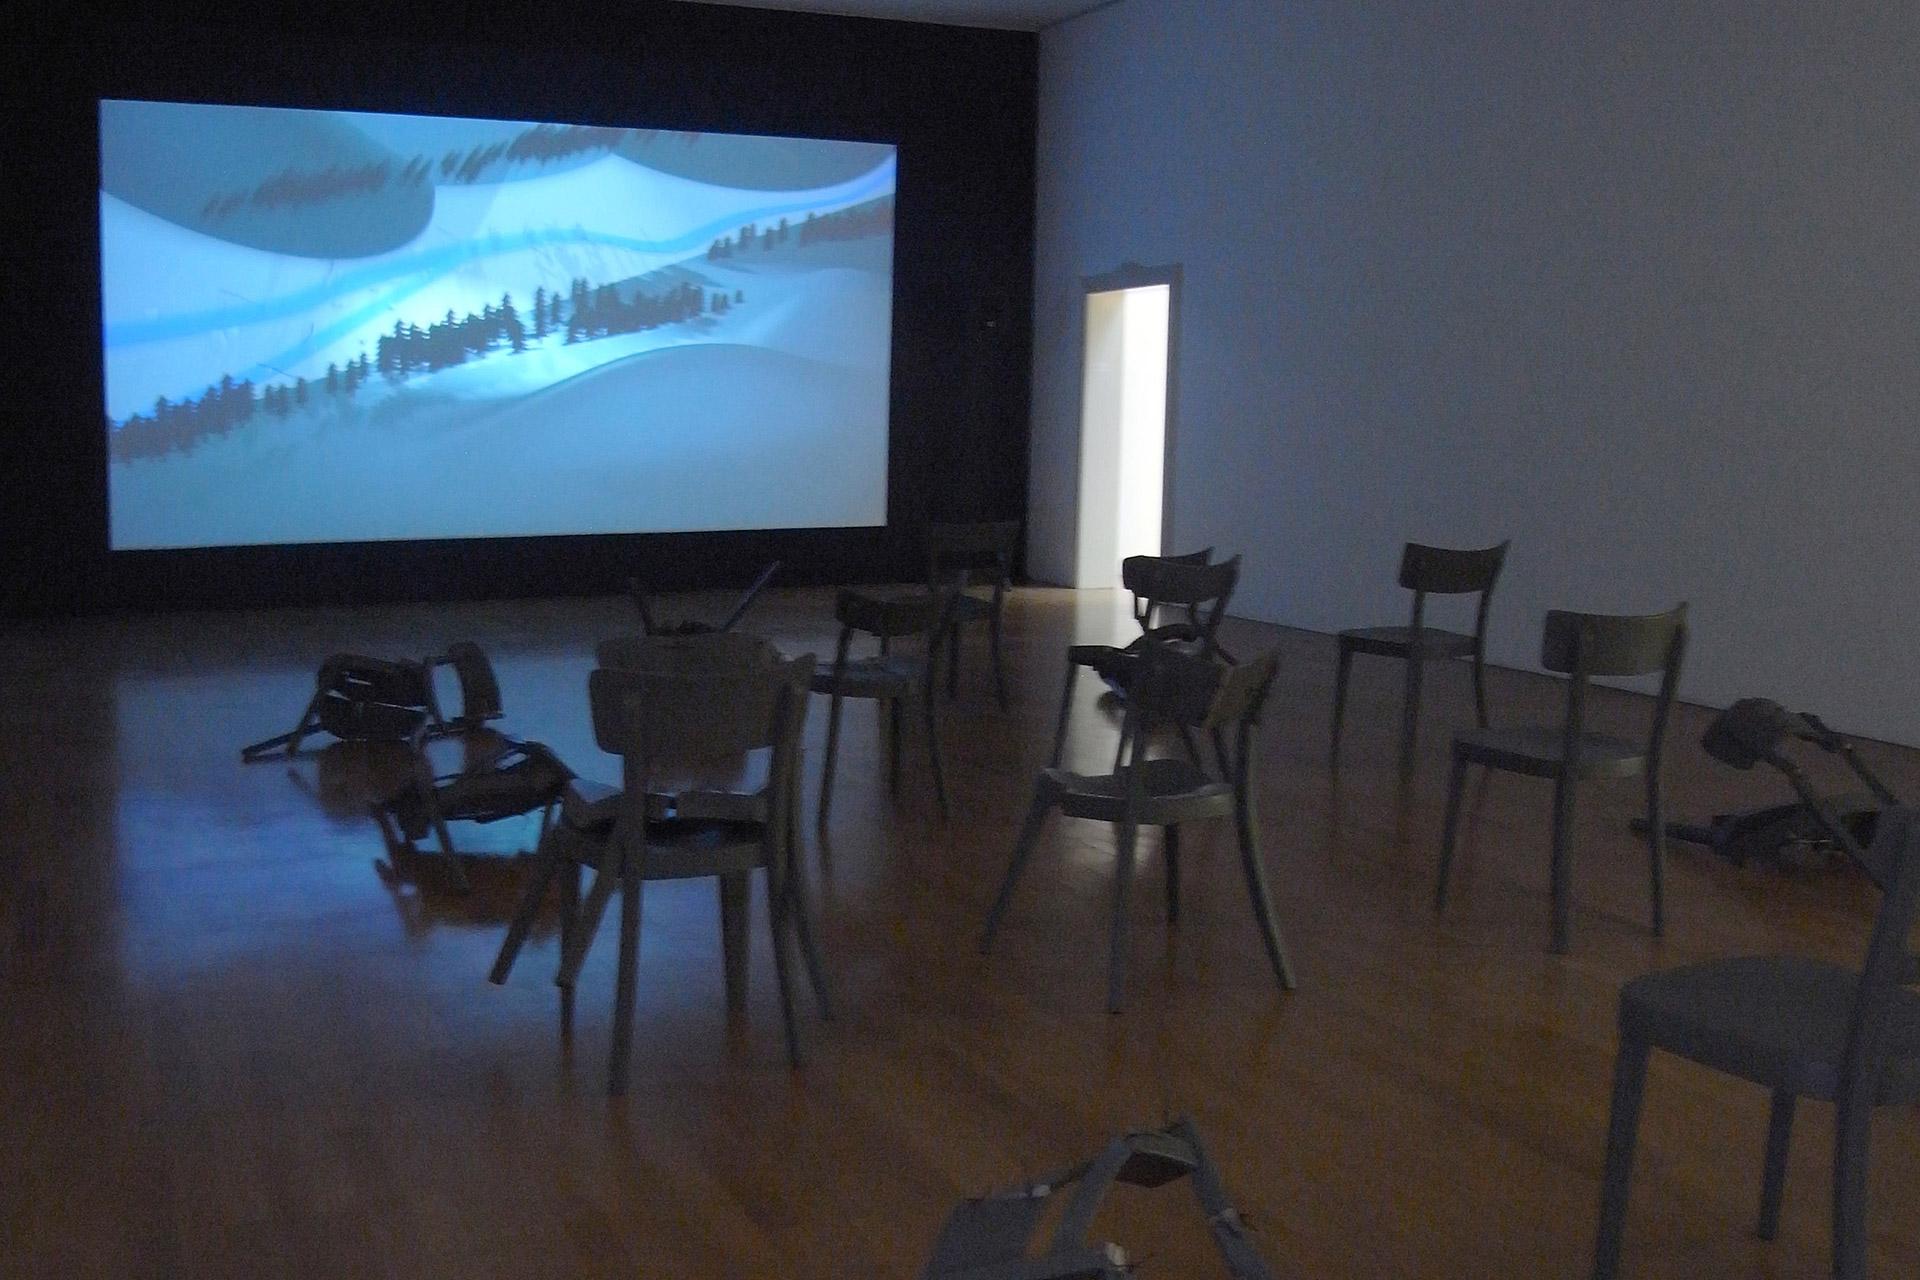 Yves-Netzhammer-Kunsthalle-Winterthur-2009-2.jpg